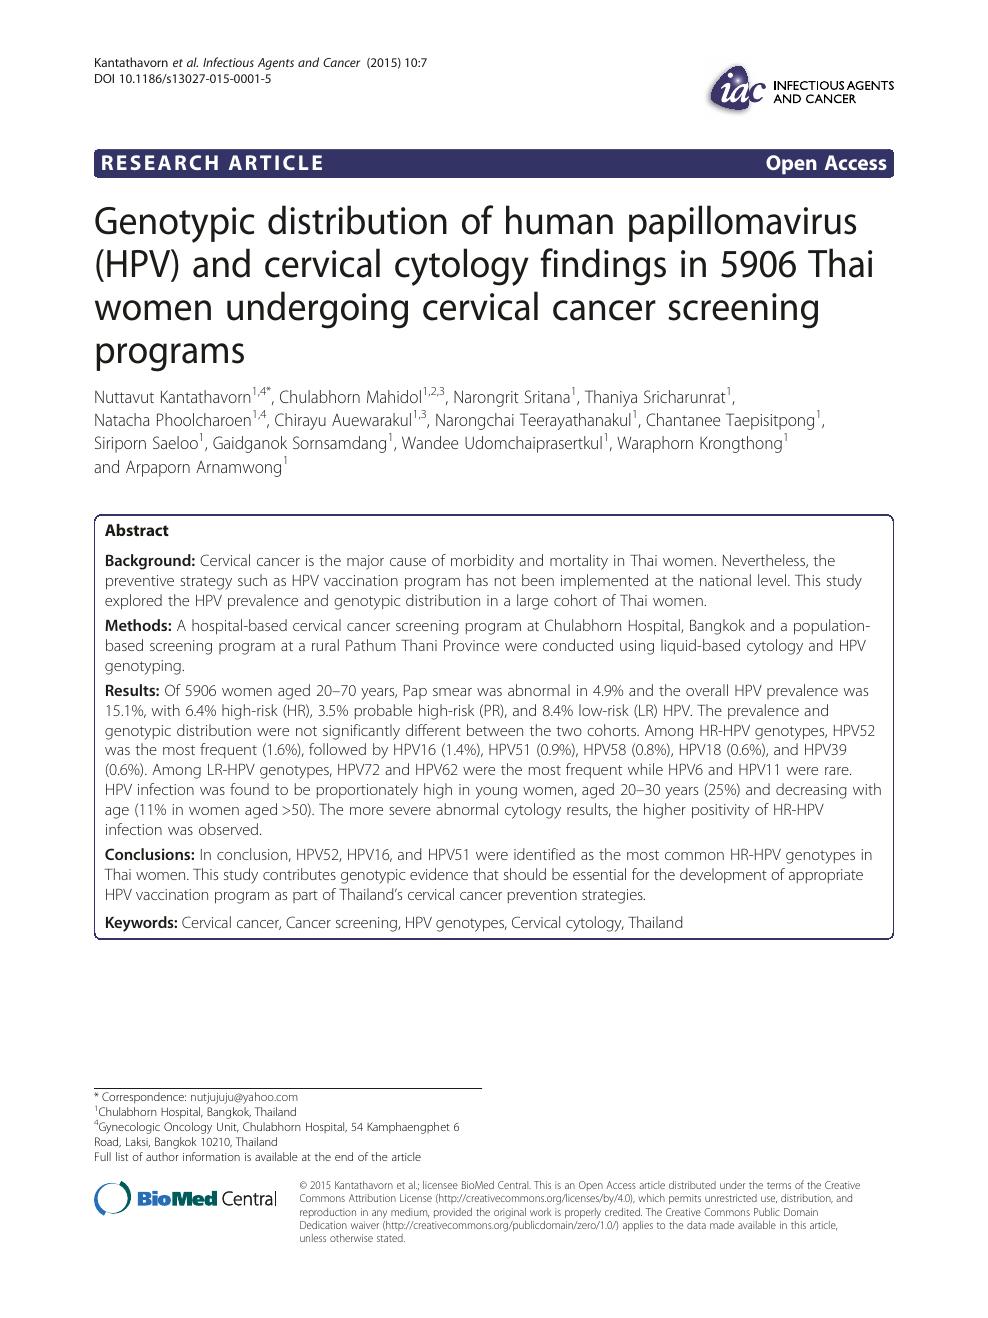 human papillomaviruses agents